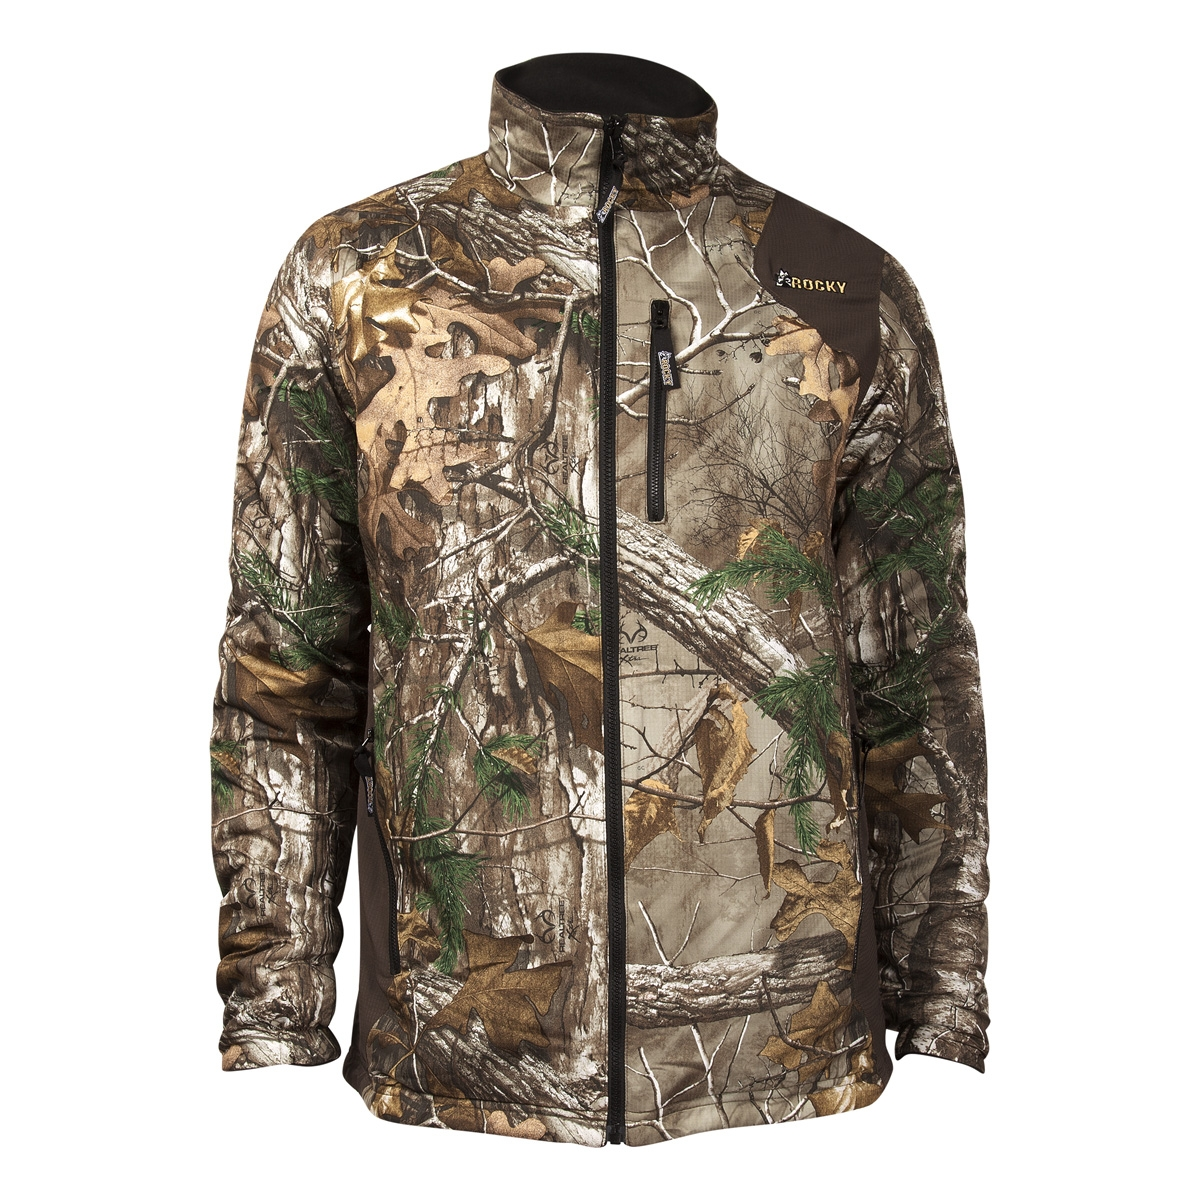 Rocky Pro Hunter Reversible Fleece Jacket